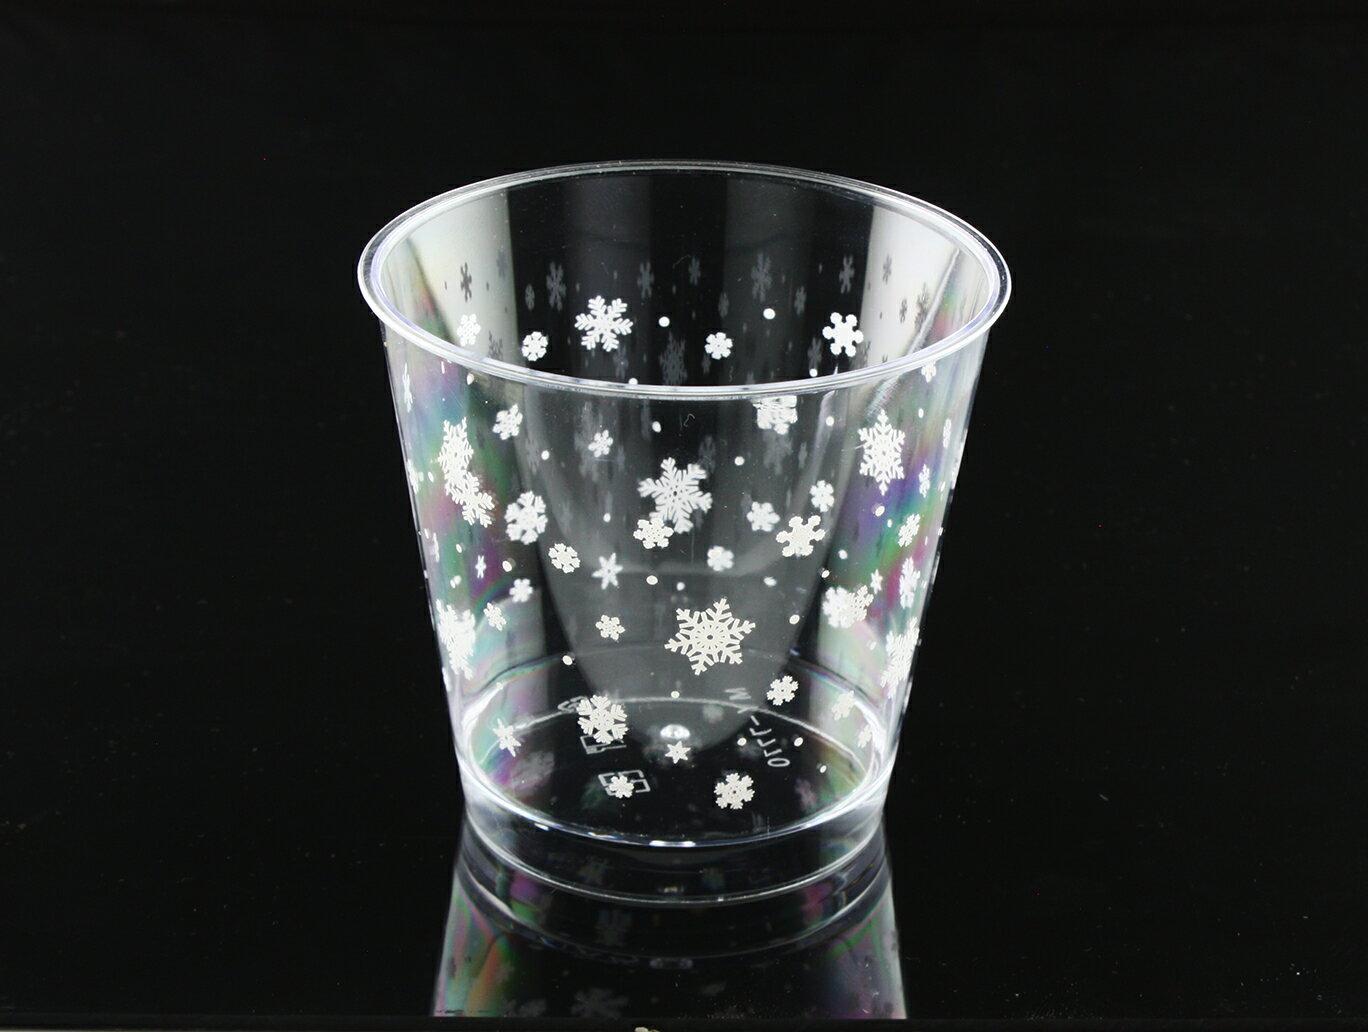 【B7770】慕斯杯、奶酪杯、甜品杯、布丁杯、大圓杯(白色雪花)(25個含透明蓋)